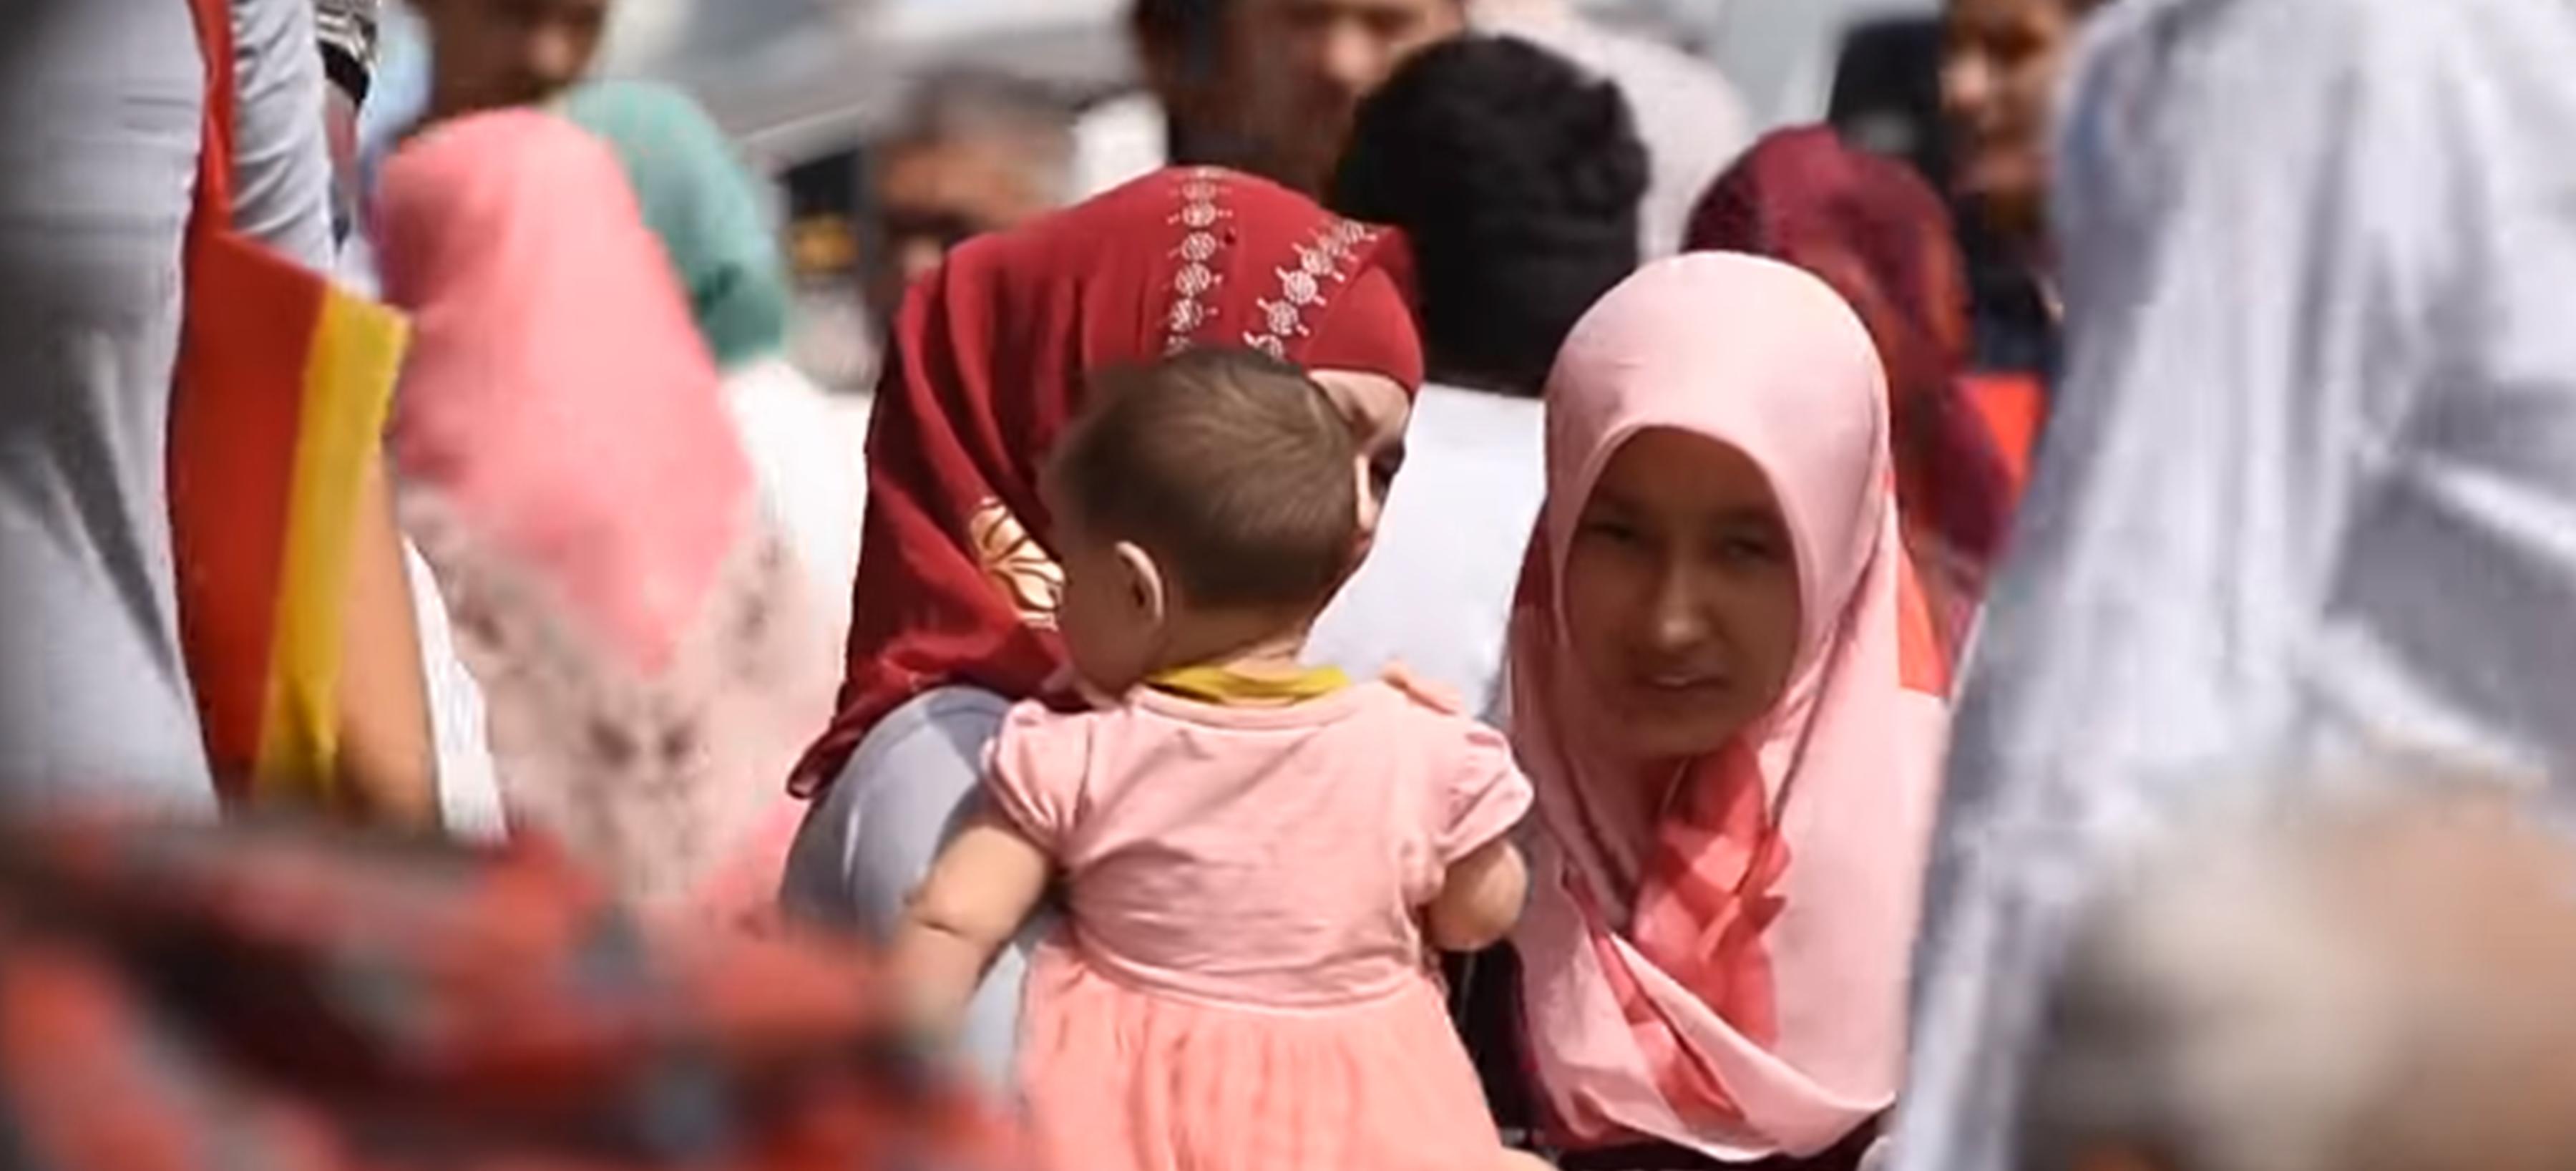 Persecution of Uyghur Muslims in Xinjiang